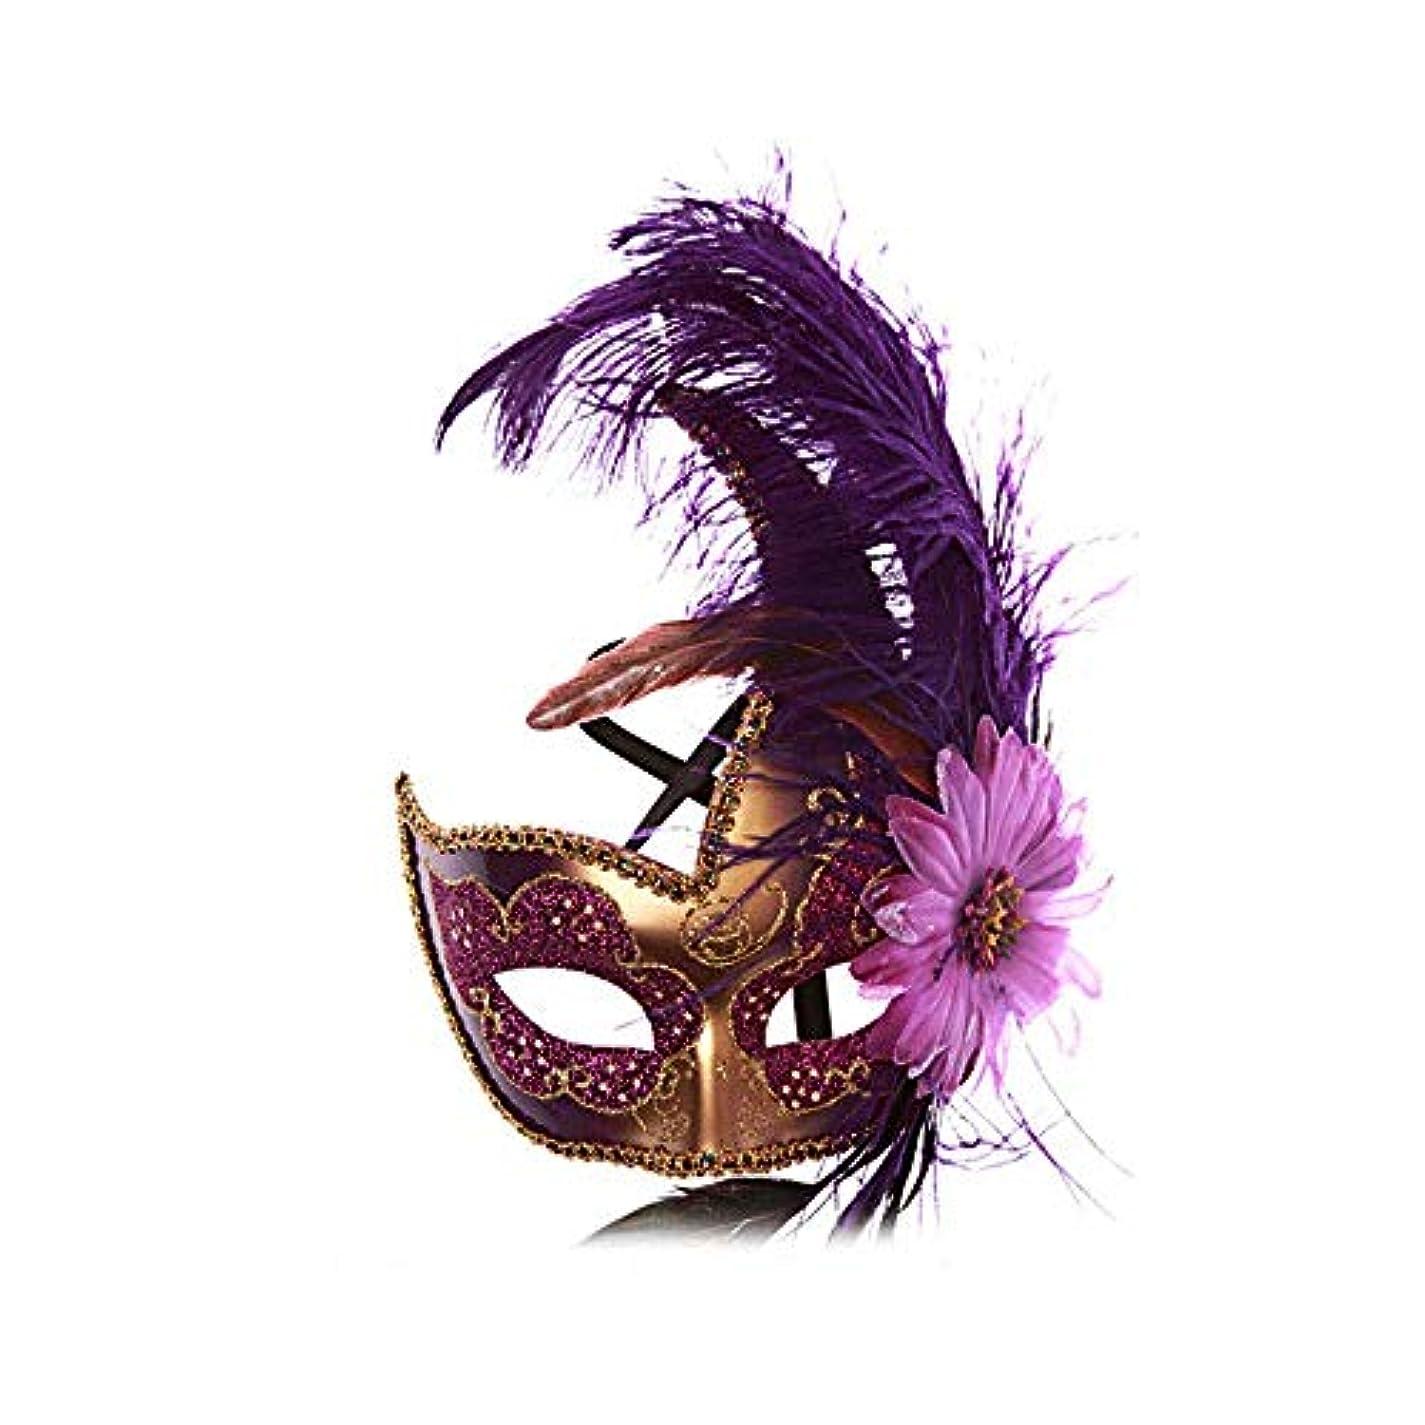 レンチ異議アナリストNanle ハロウィンマスクハーフフェザーマスクベニスプリンセスマスク美容レース仮面ライダーコスプレ (色 : Style B purple)